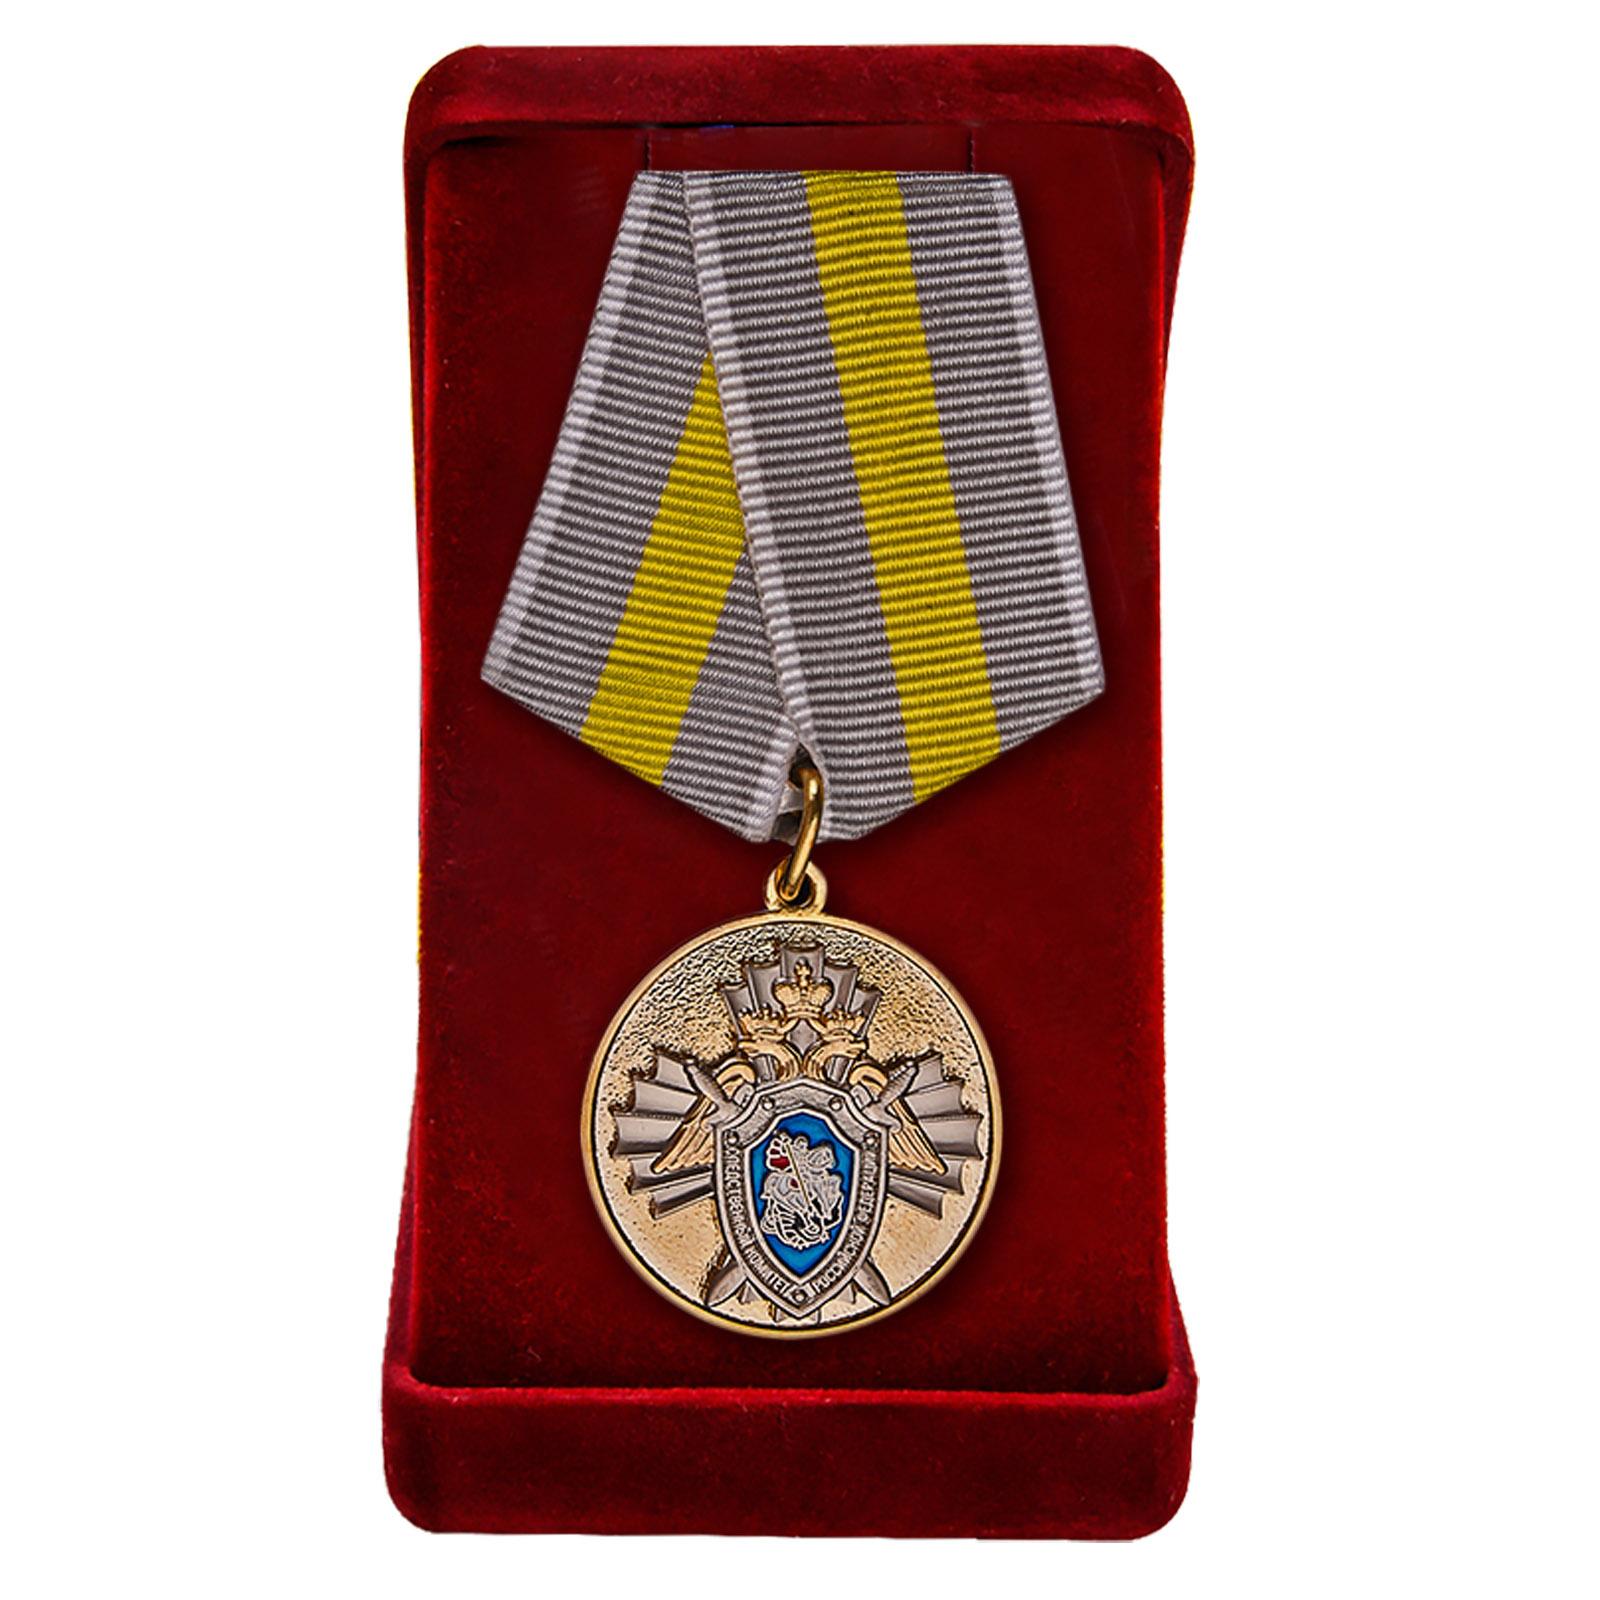 Купить ведомственную медаль СК России За заслуги онлайн с доставкой